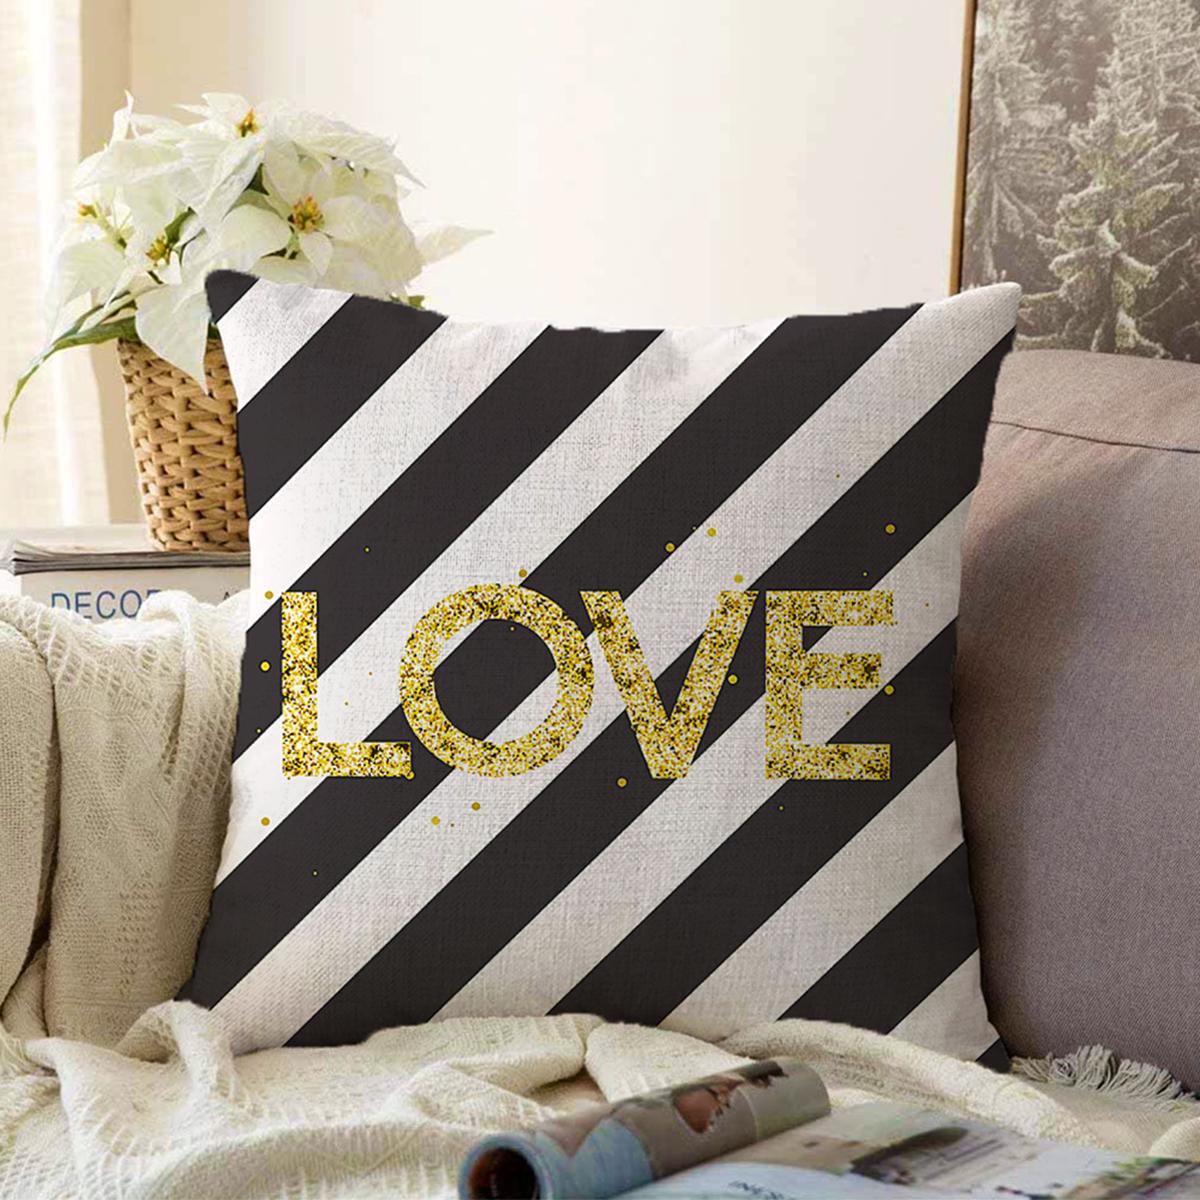 Çift Taraflı Beyaz Zemin Üzerinde Siyah Yatay Çizgili Gold Renkli Love Yazılı Şönil Kırlent Kılıfı Realhomes